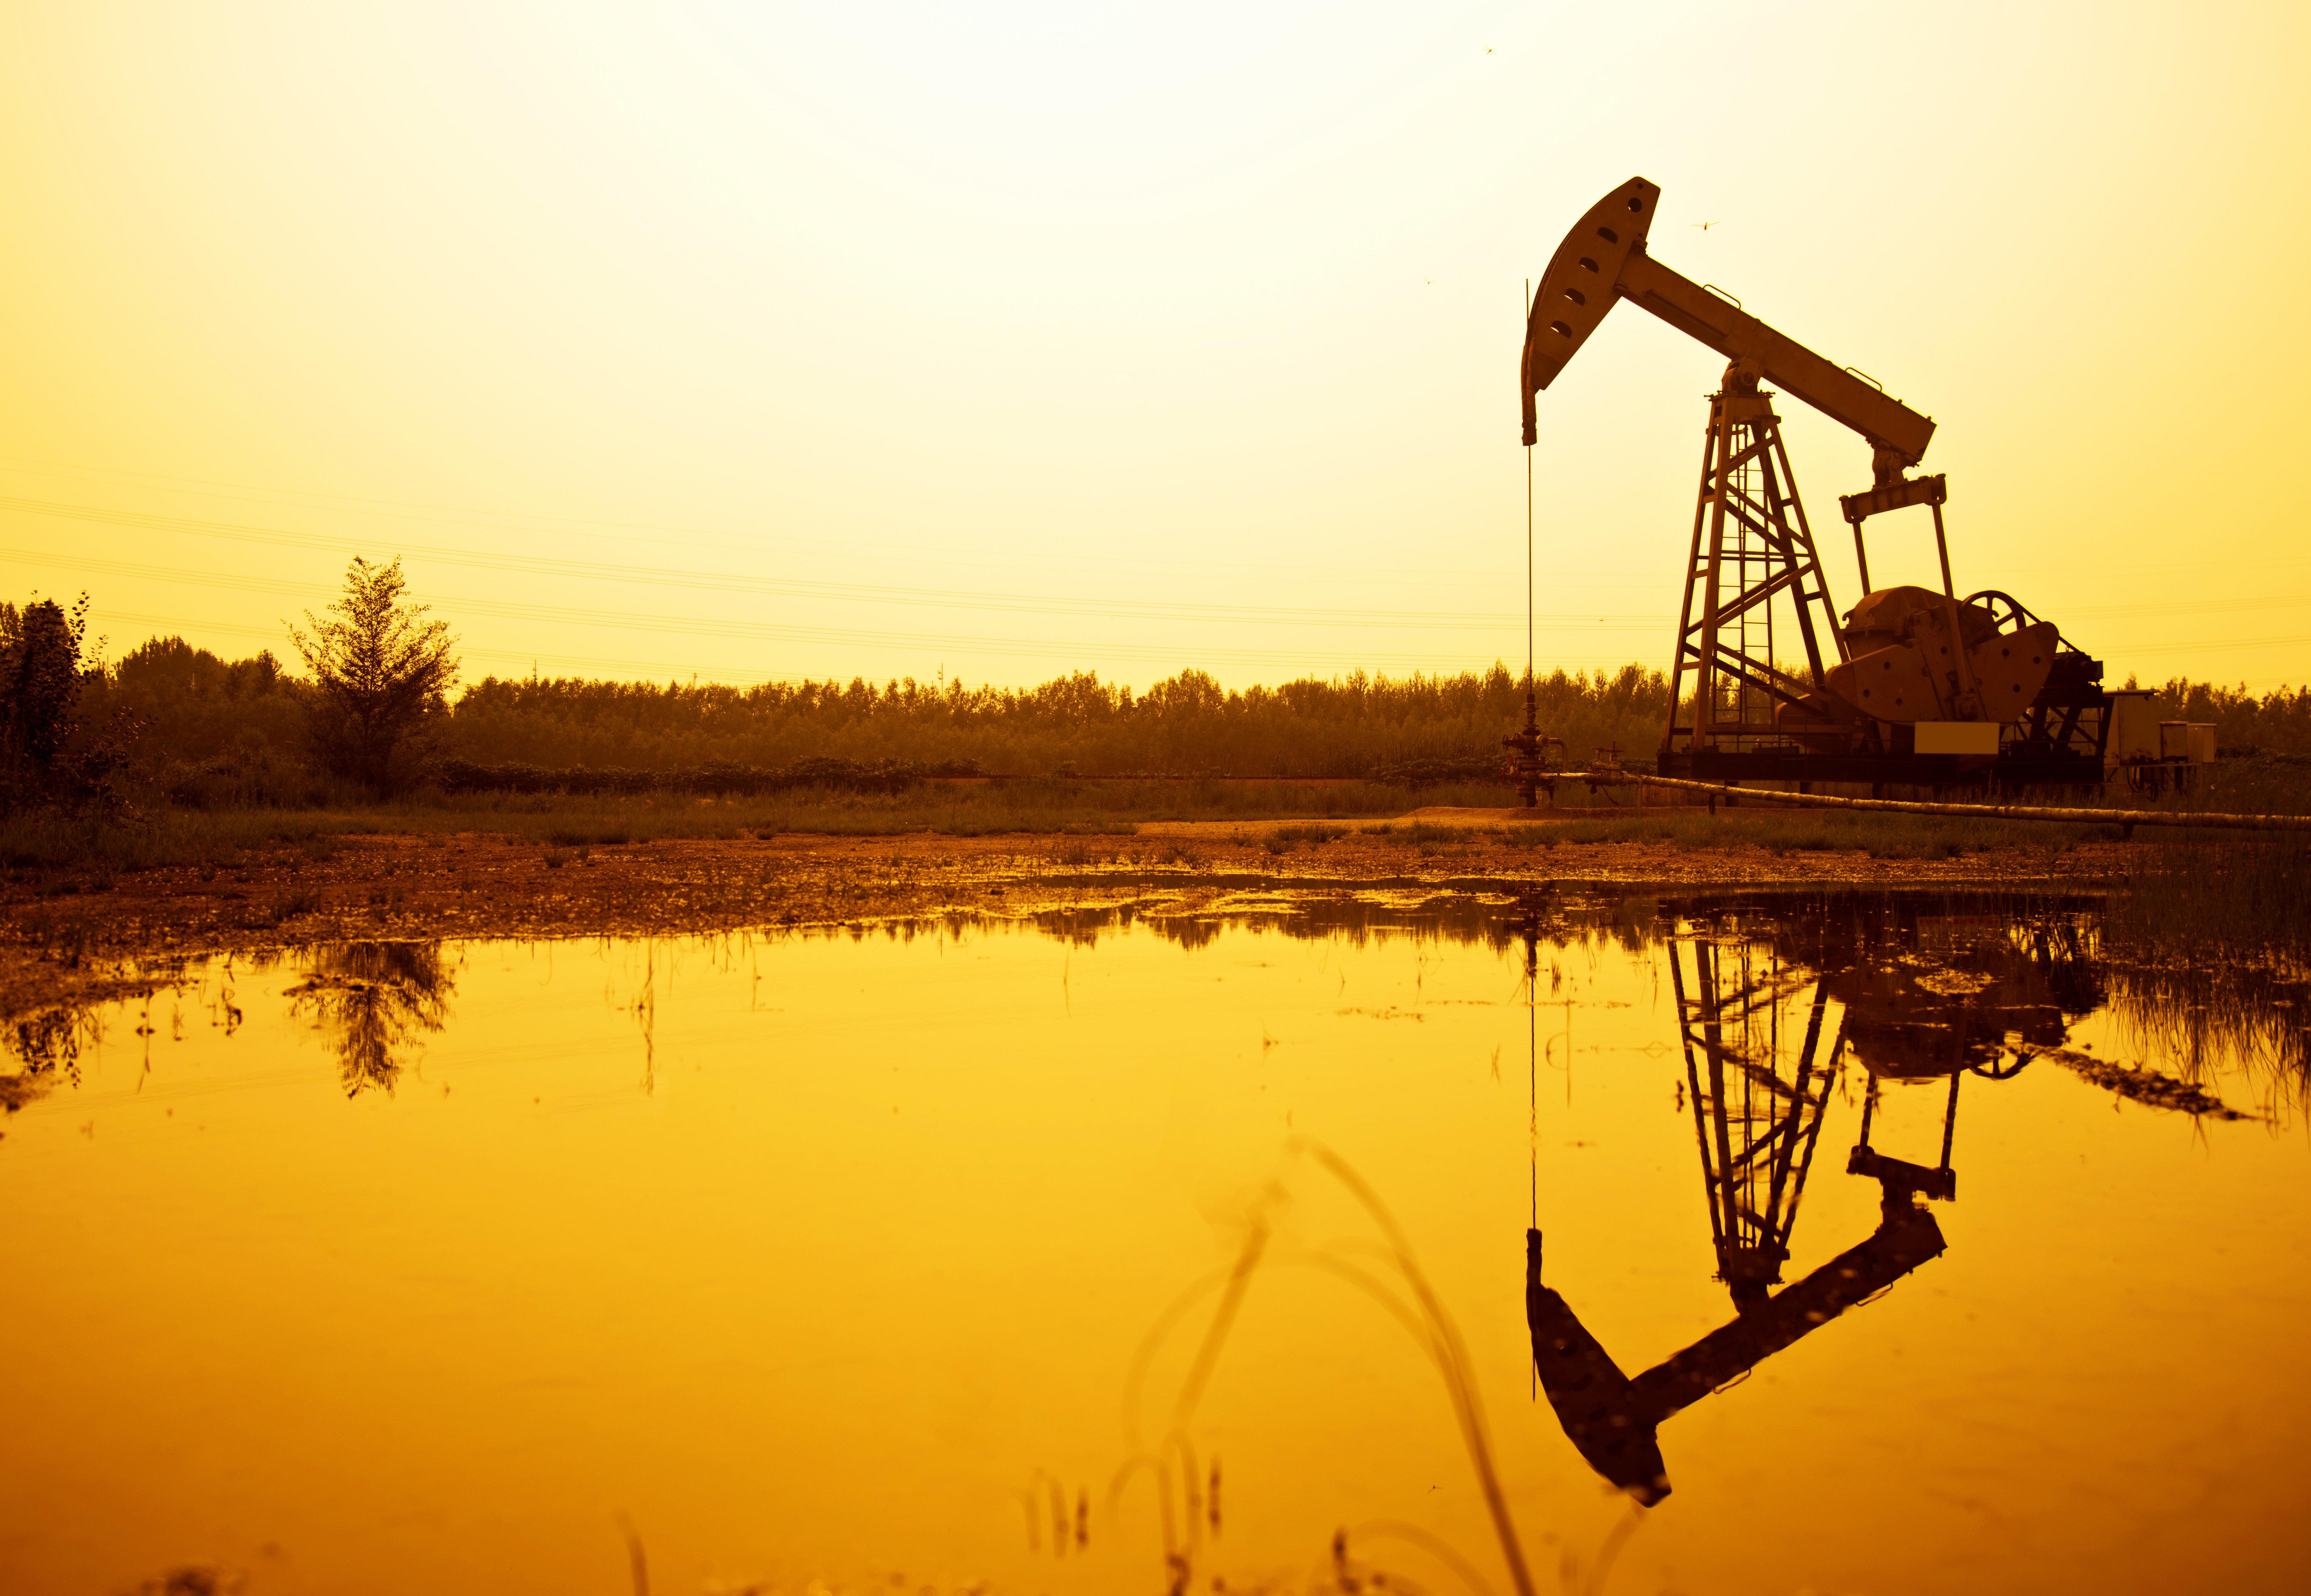 Αιφνιδιασμός από το Πεκίνο με δασμούς σε αργό πετρέλαιο, φυσικό αέριο και άλλα ενεργειακά